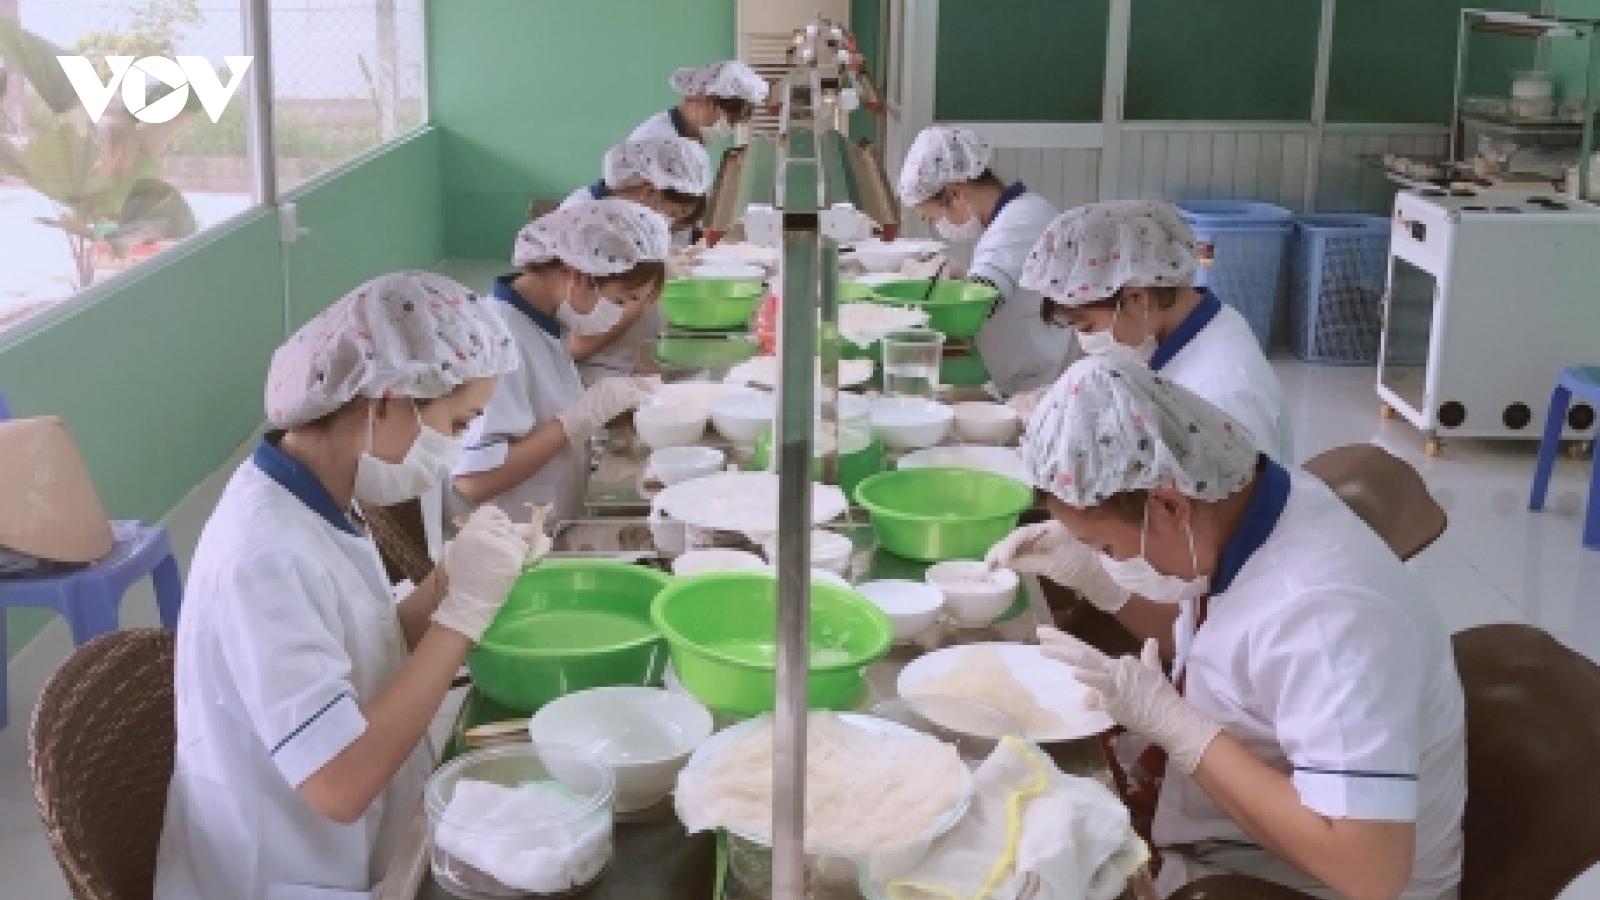 Doanh nghiệp TP.HCM đang bị động trong chuẩn bịtái sản xuất, kinh doanh